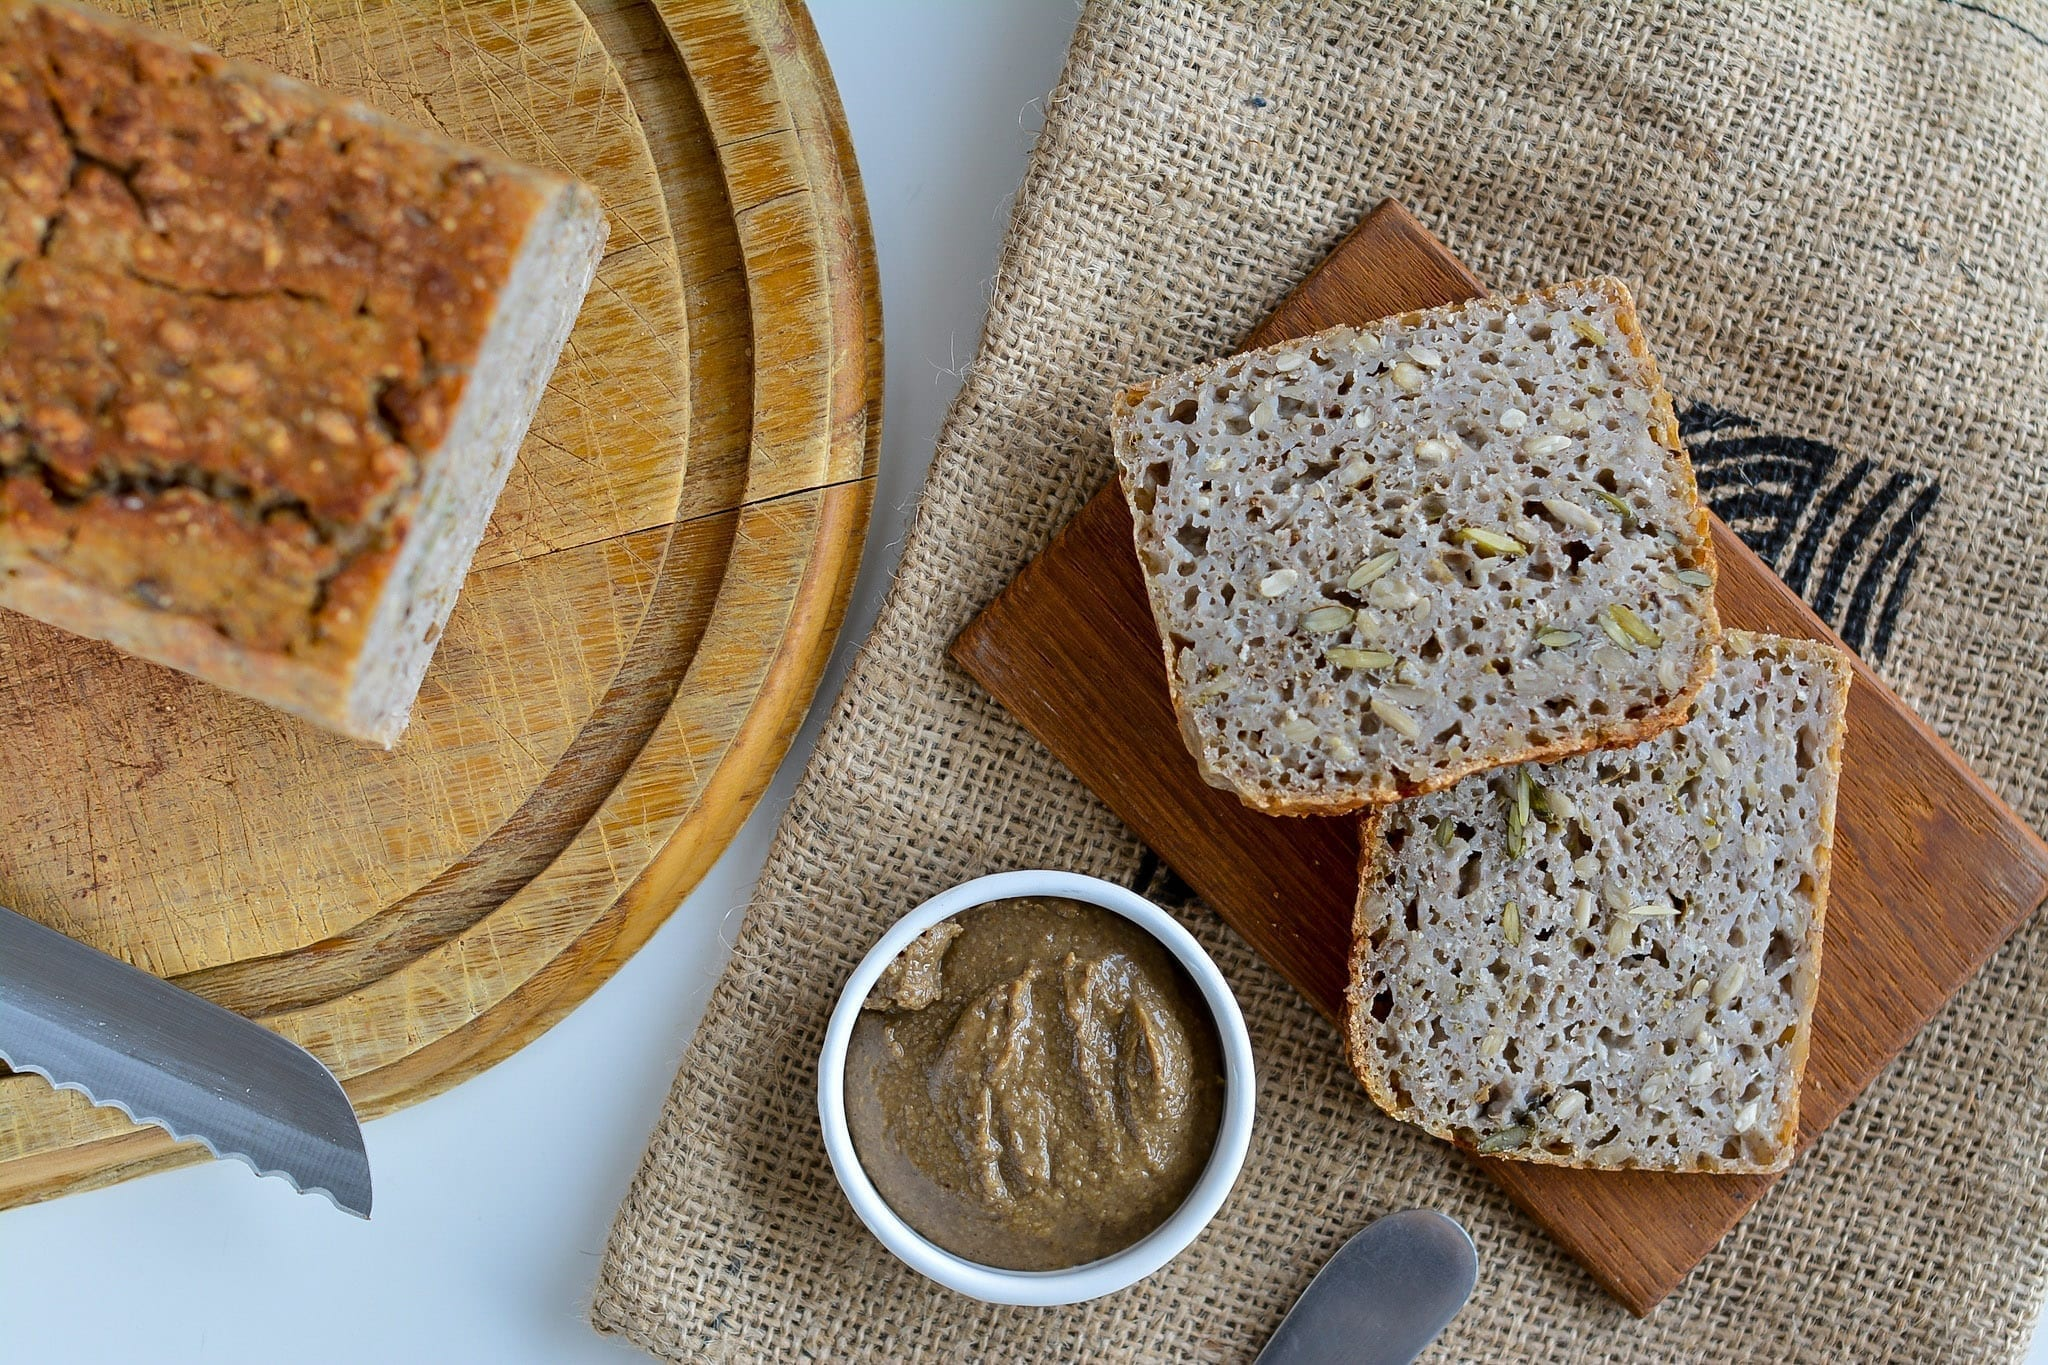 Bread, Buckwheat Fermented